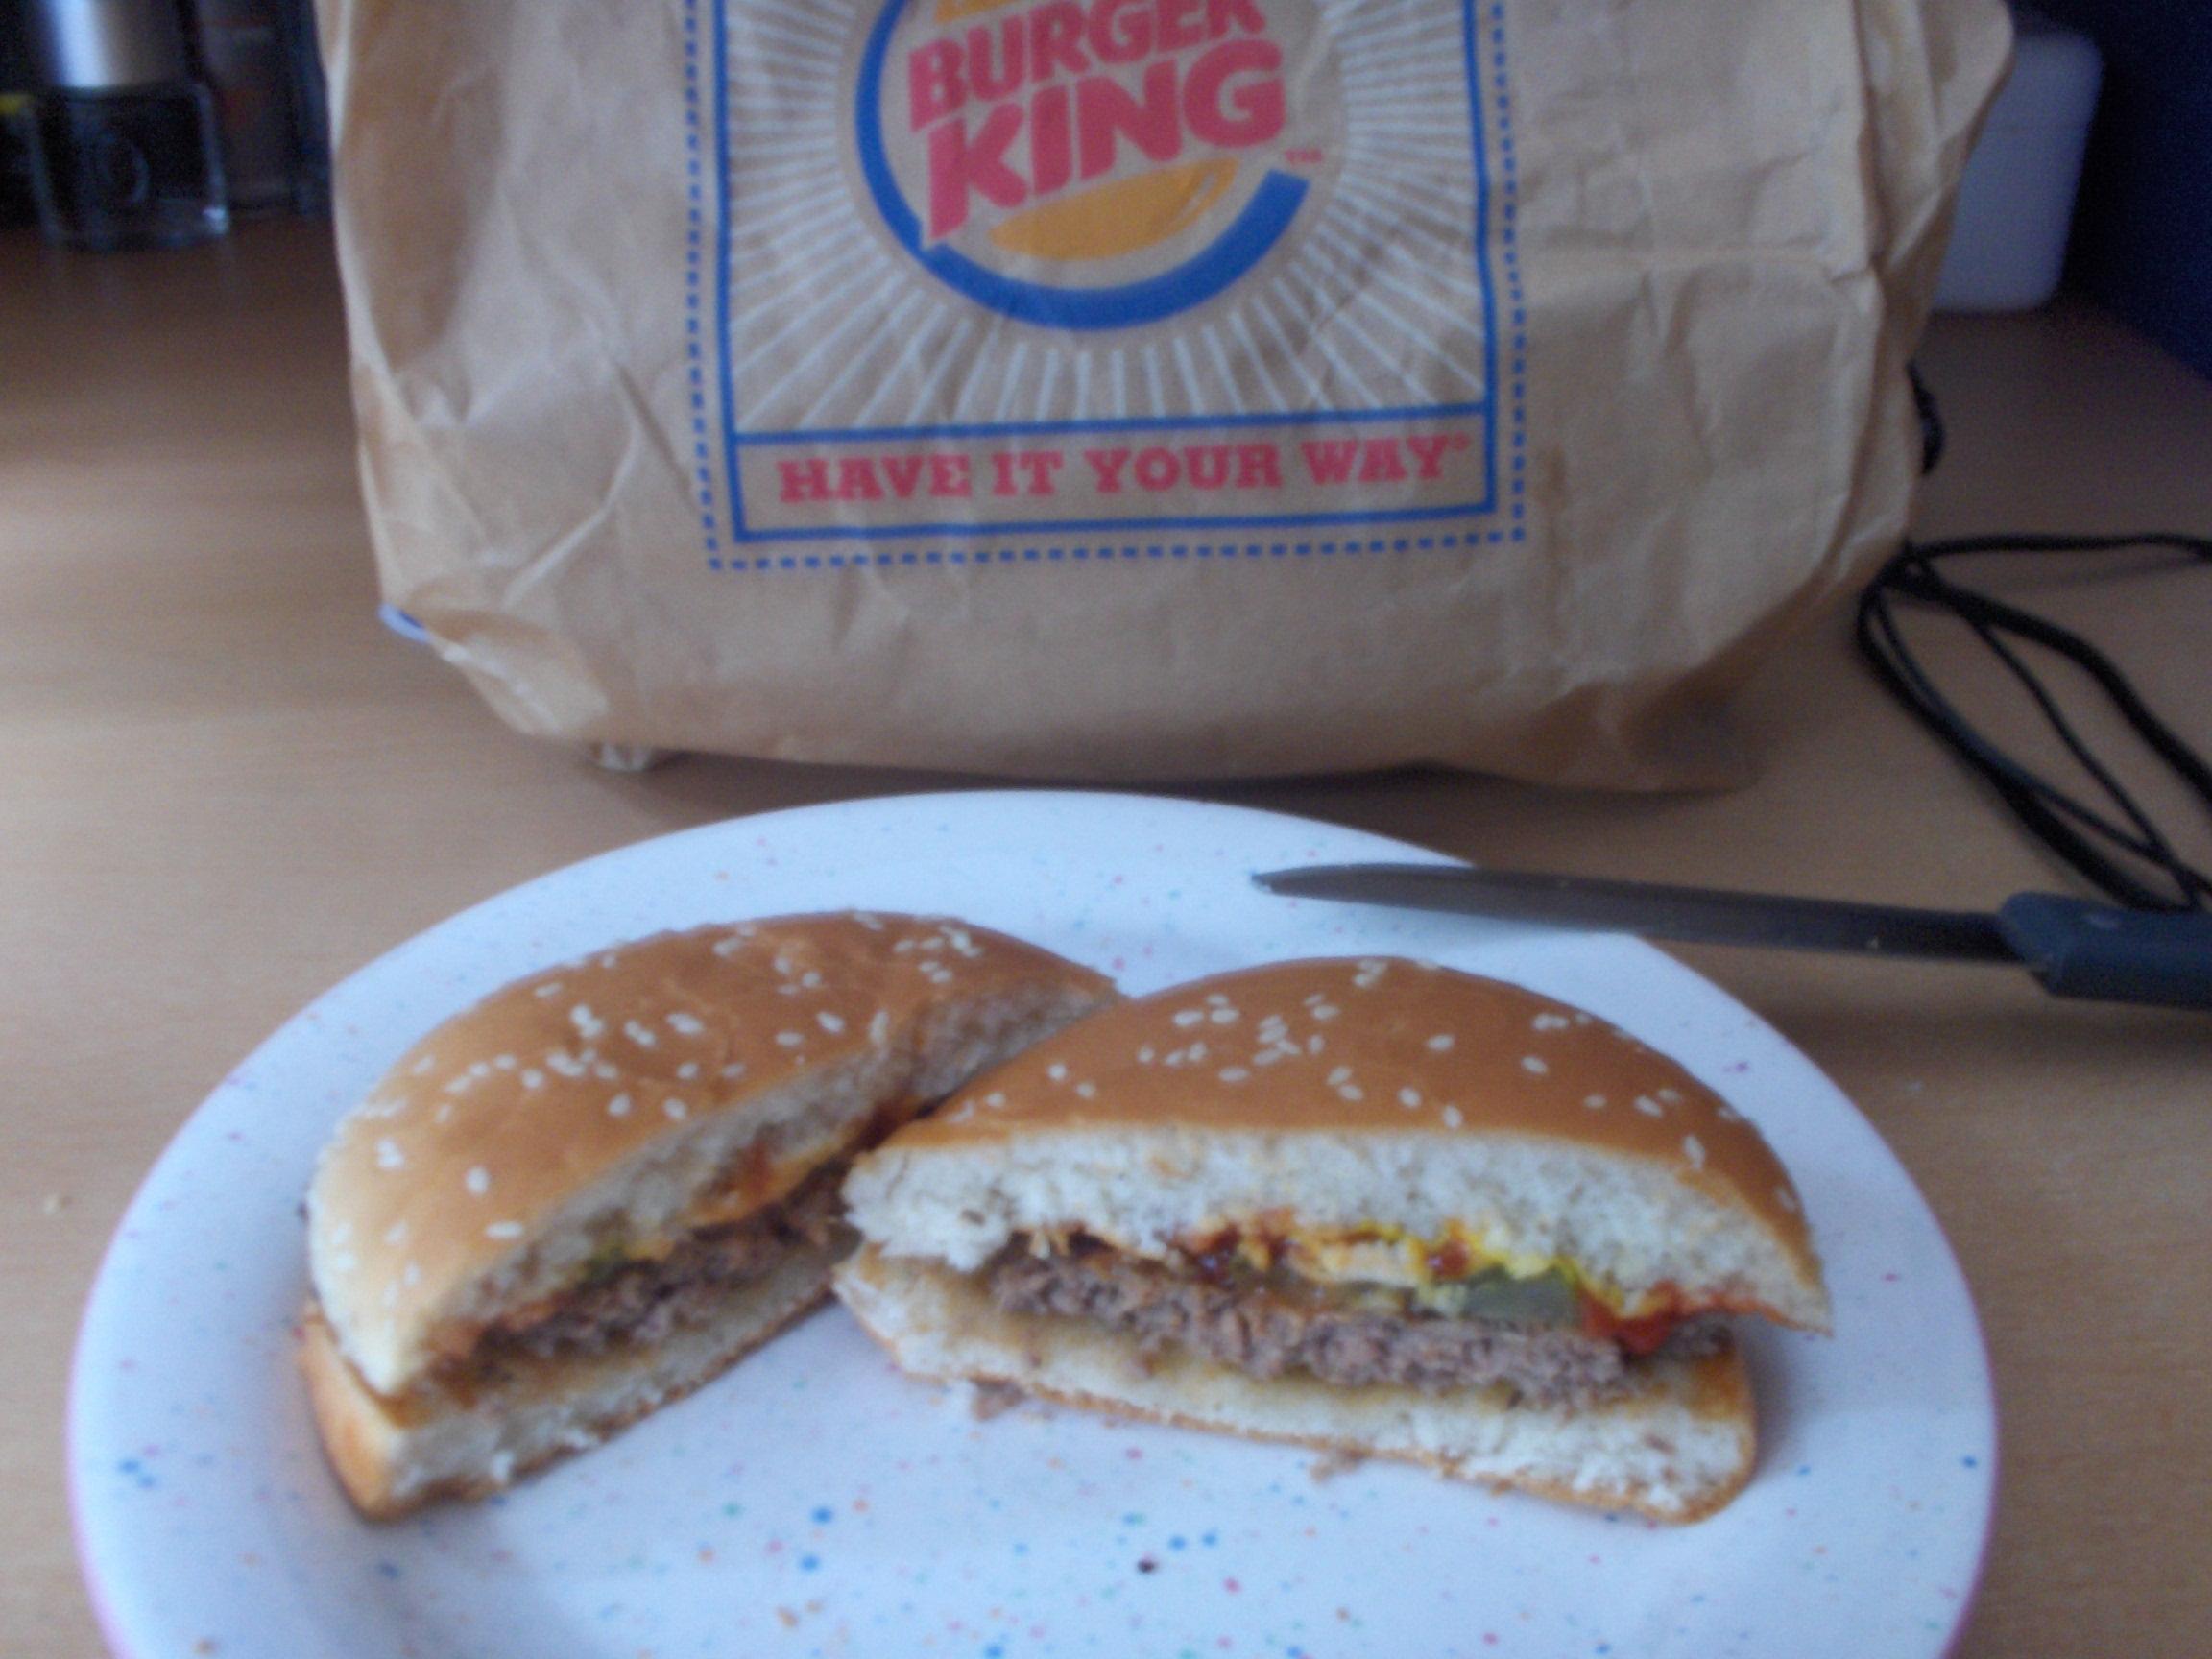 http://foodloader.net/s3Rax_2008-01-04_BurgerKing2.jpg